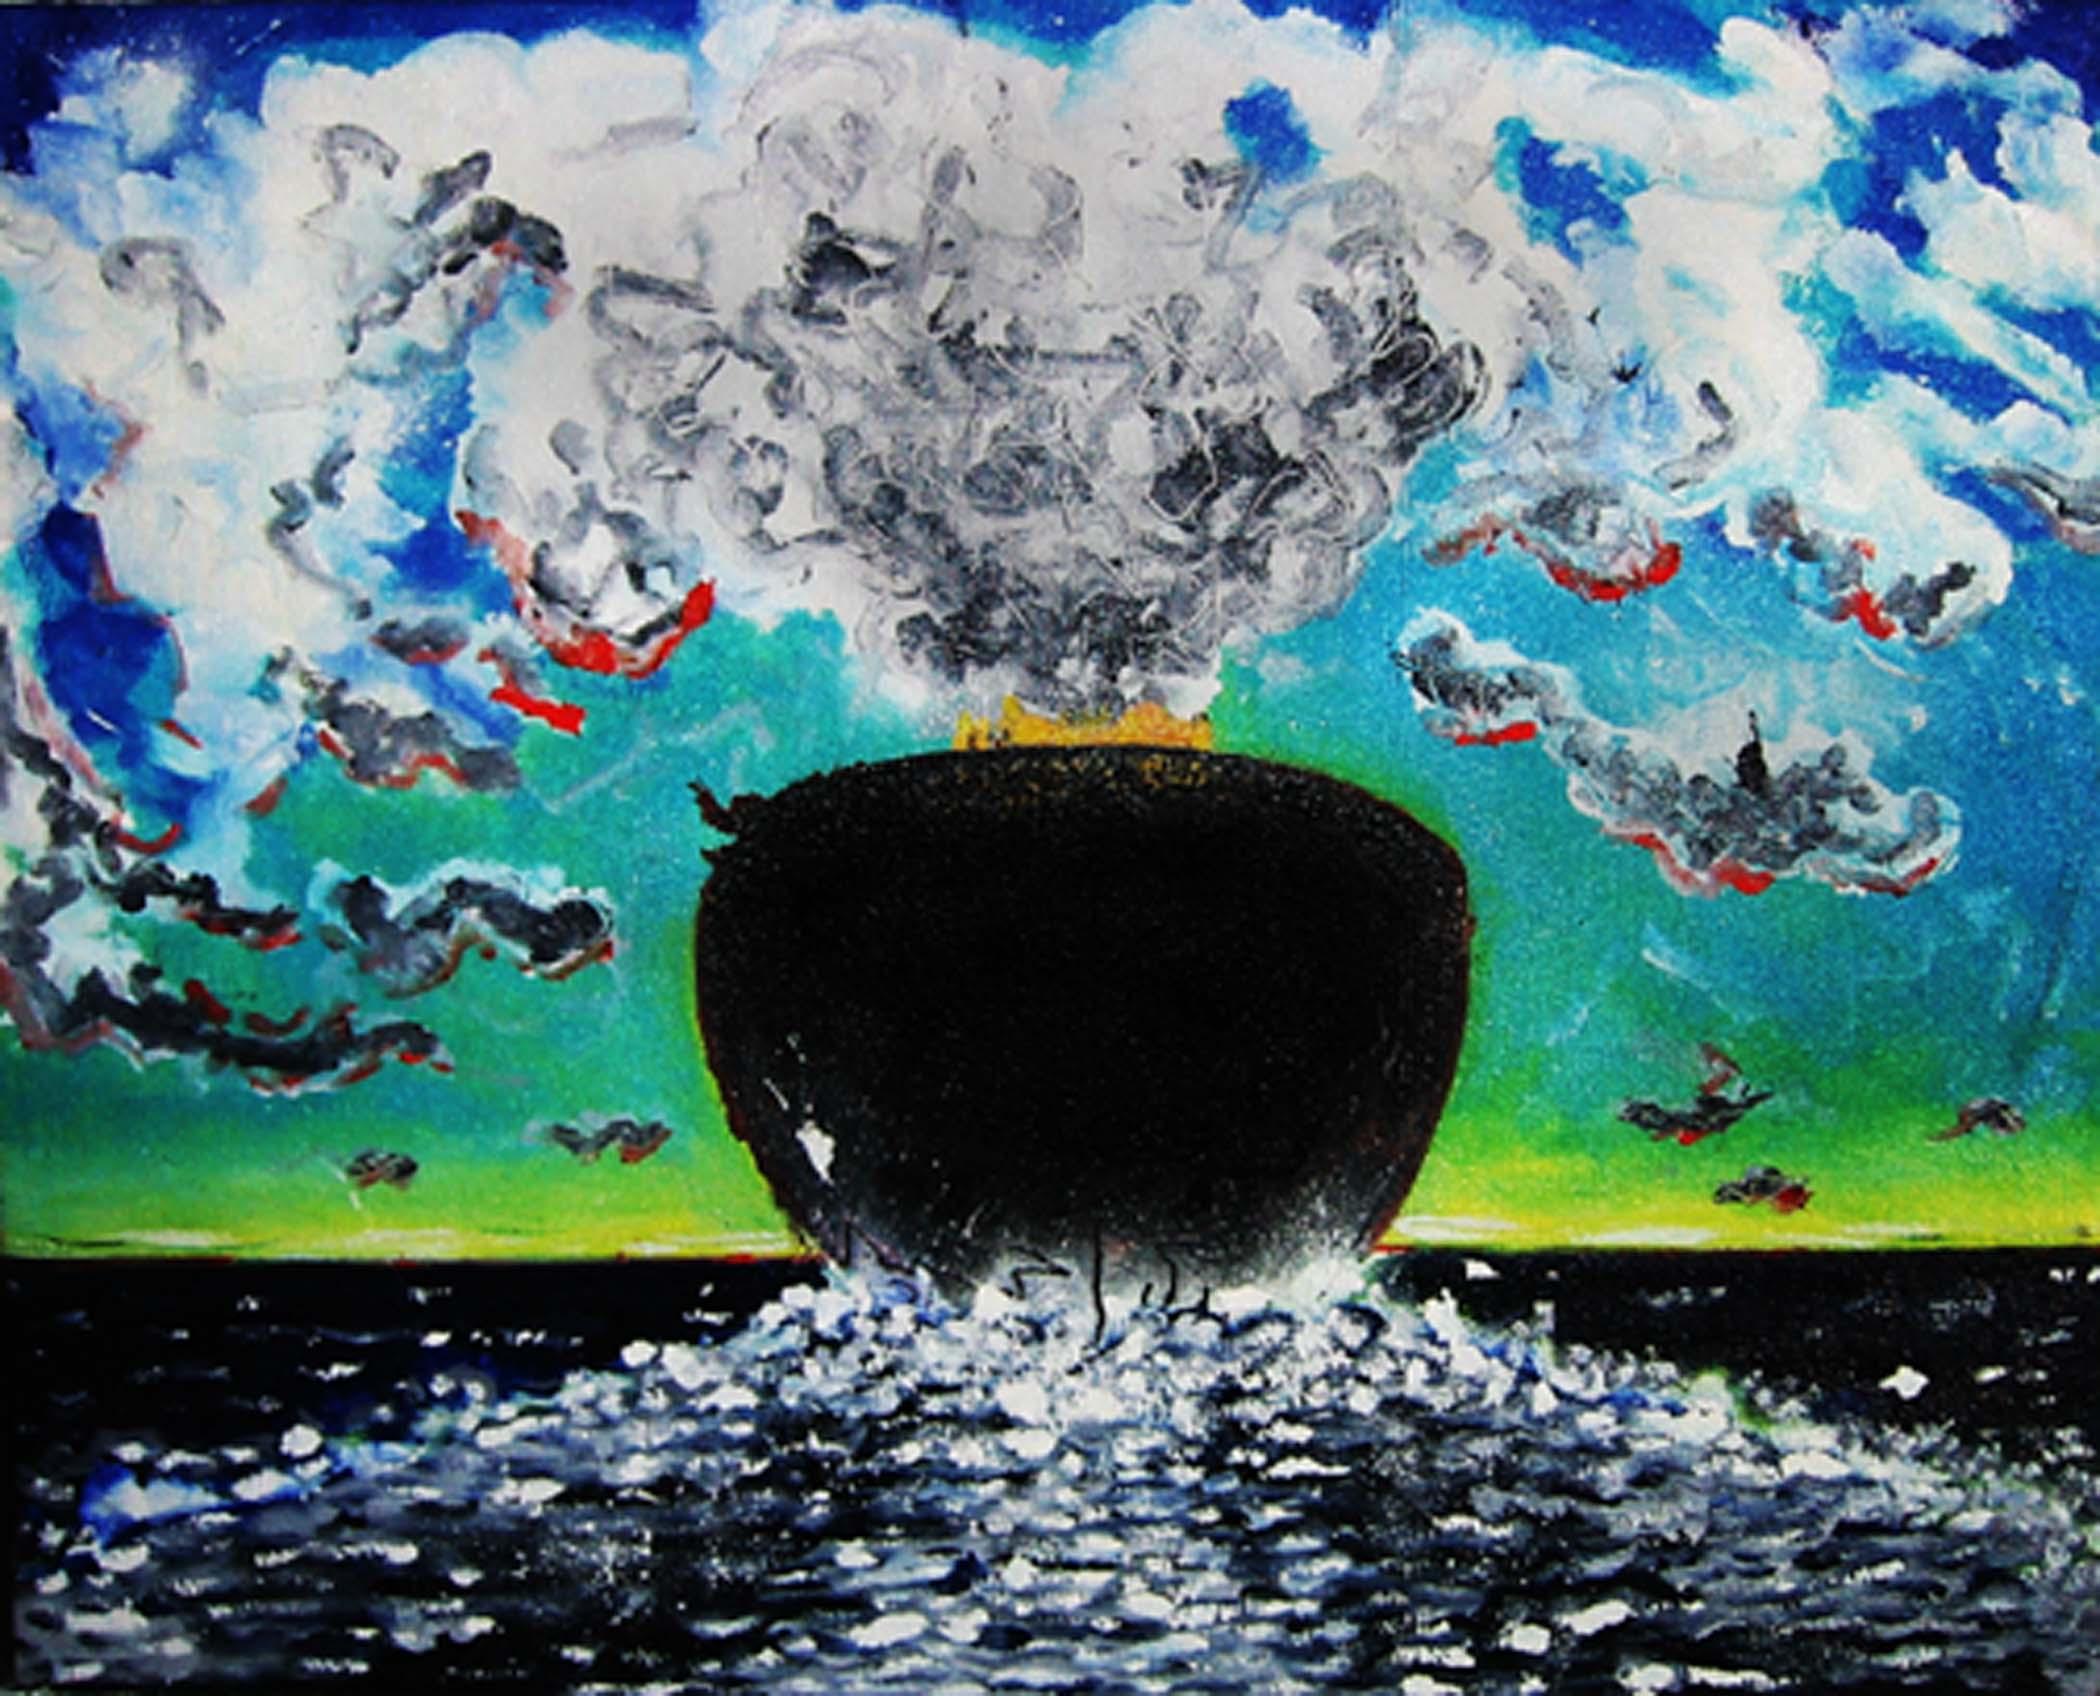 """Bateau départ / Goodbye boat,  2001, huile sur toile / oil on canvas, 16""""x 20"""", 41 x 51 cm."""